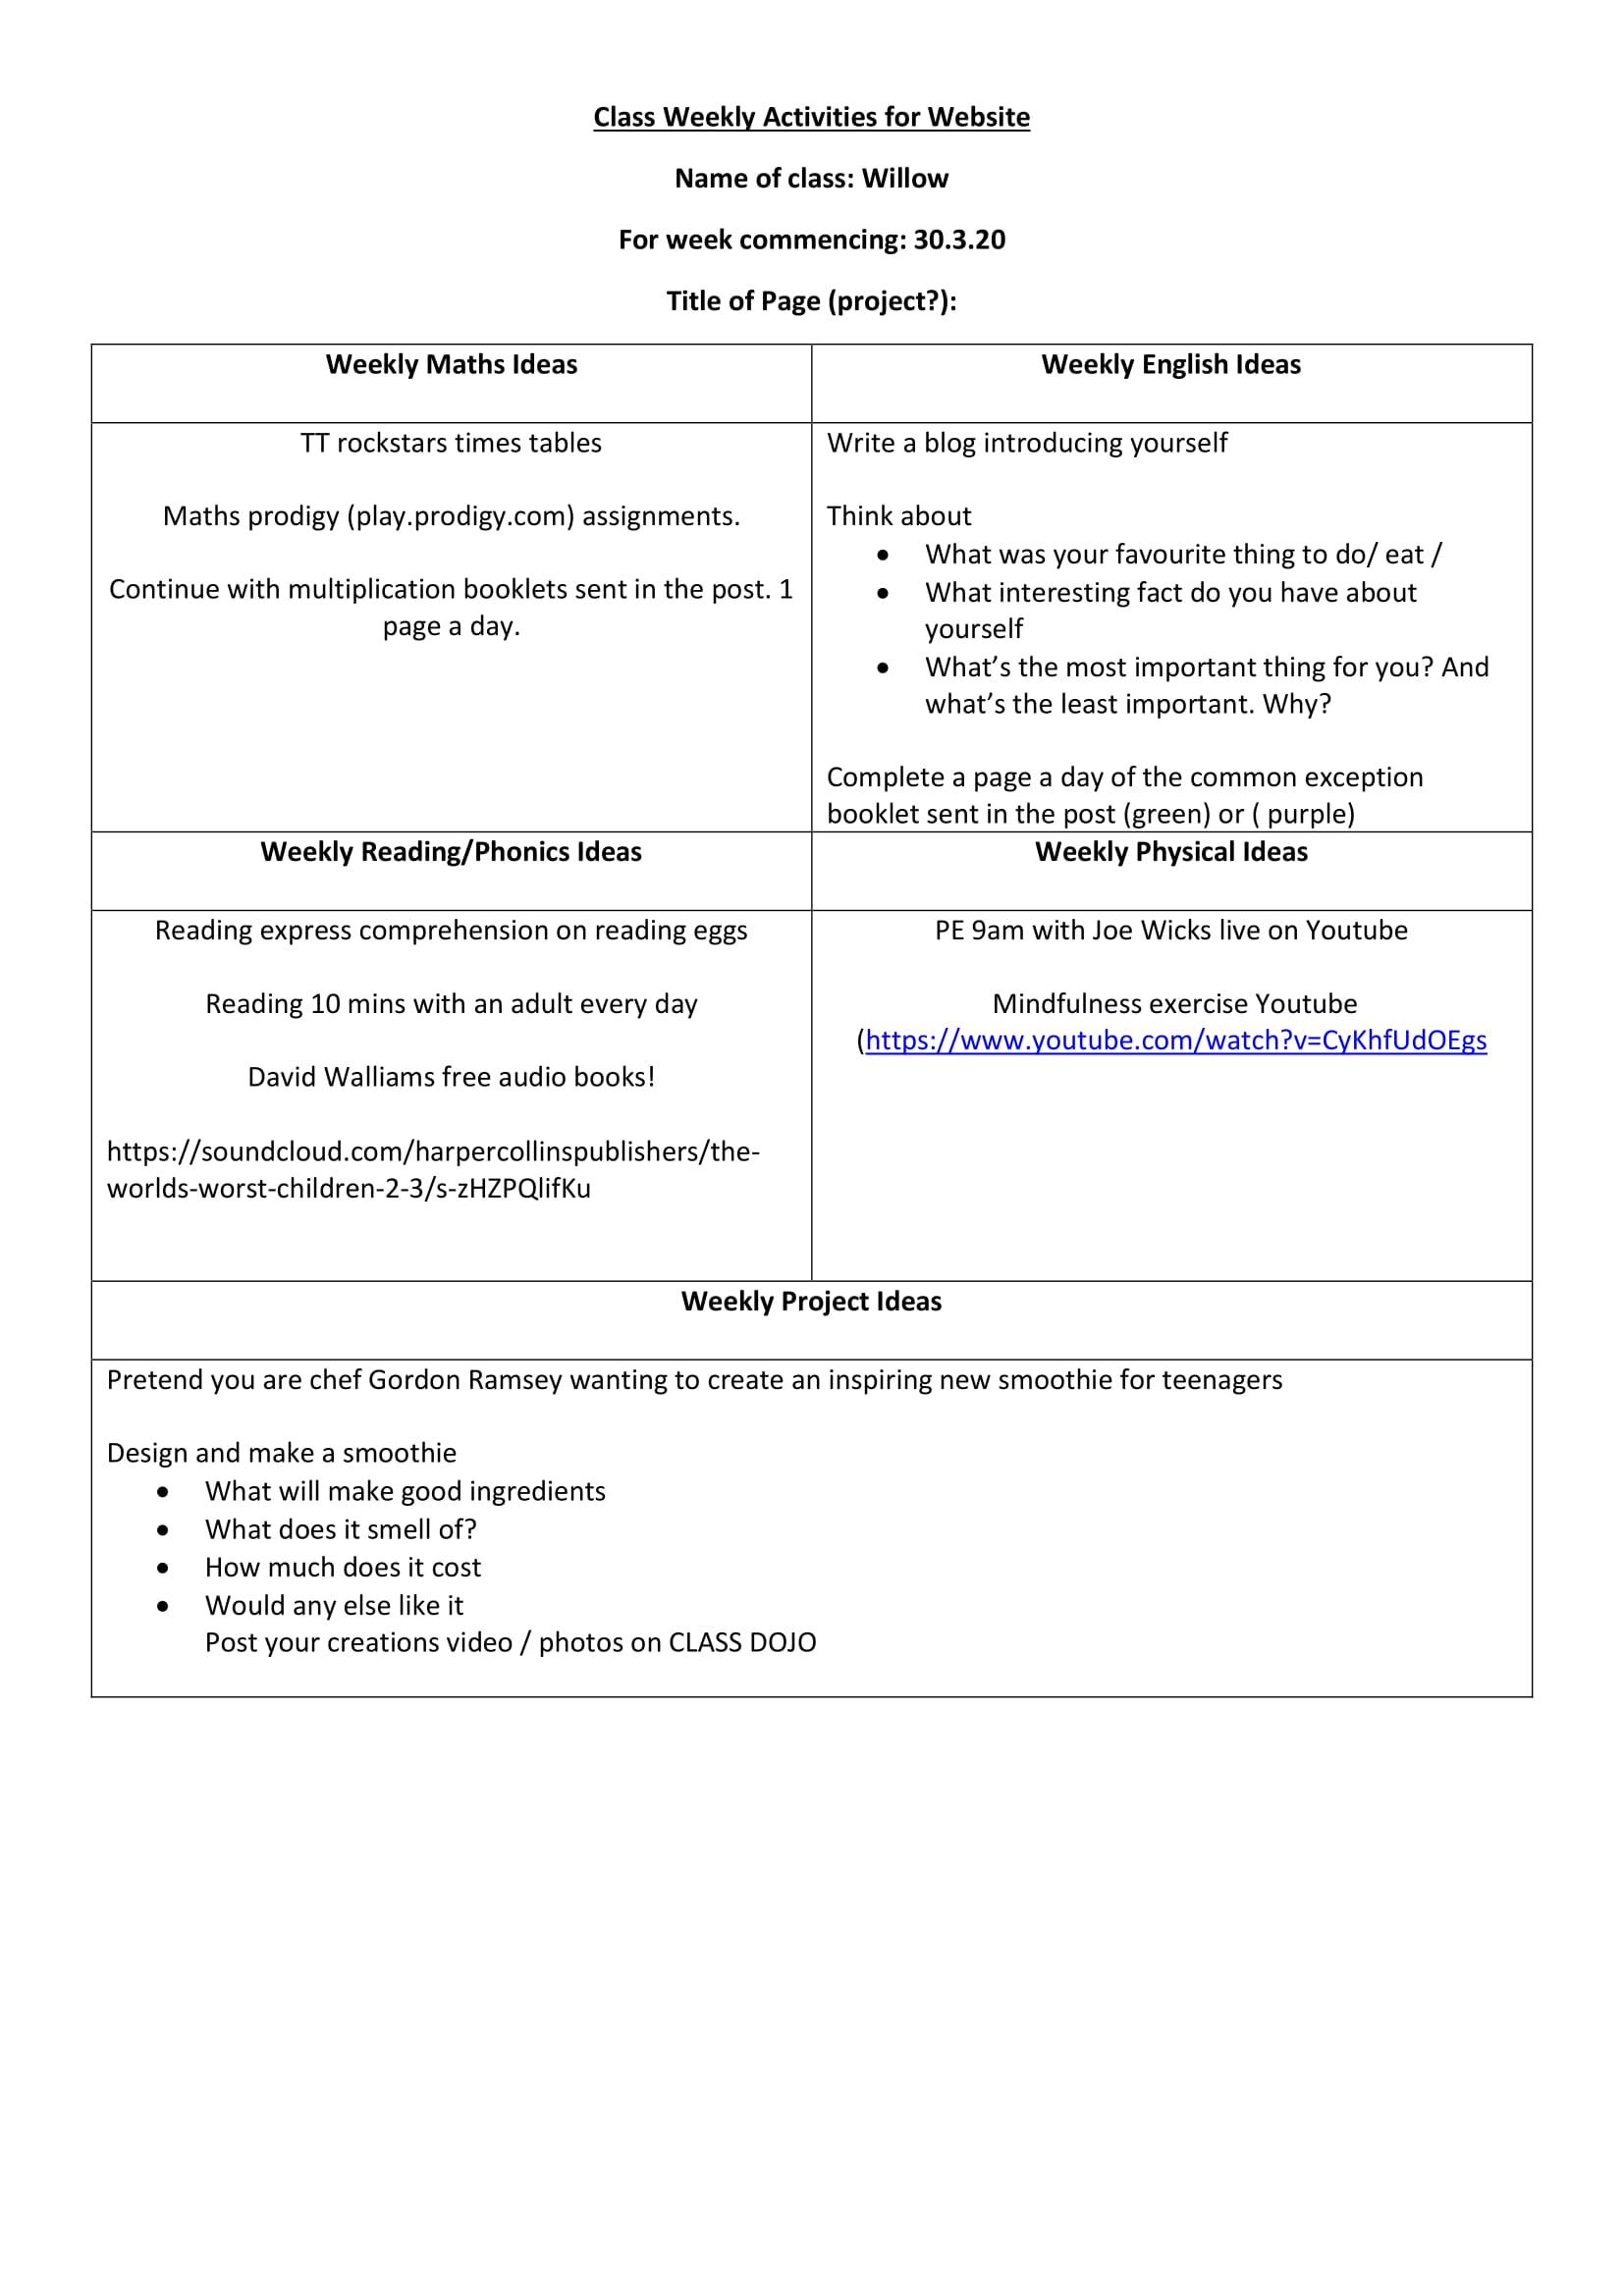 Willow Class Worksheet week 1-1